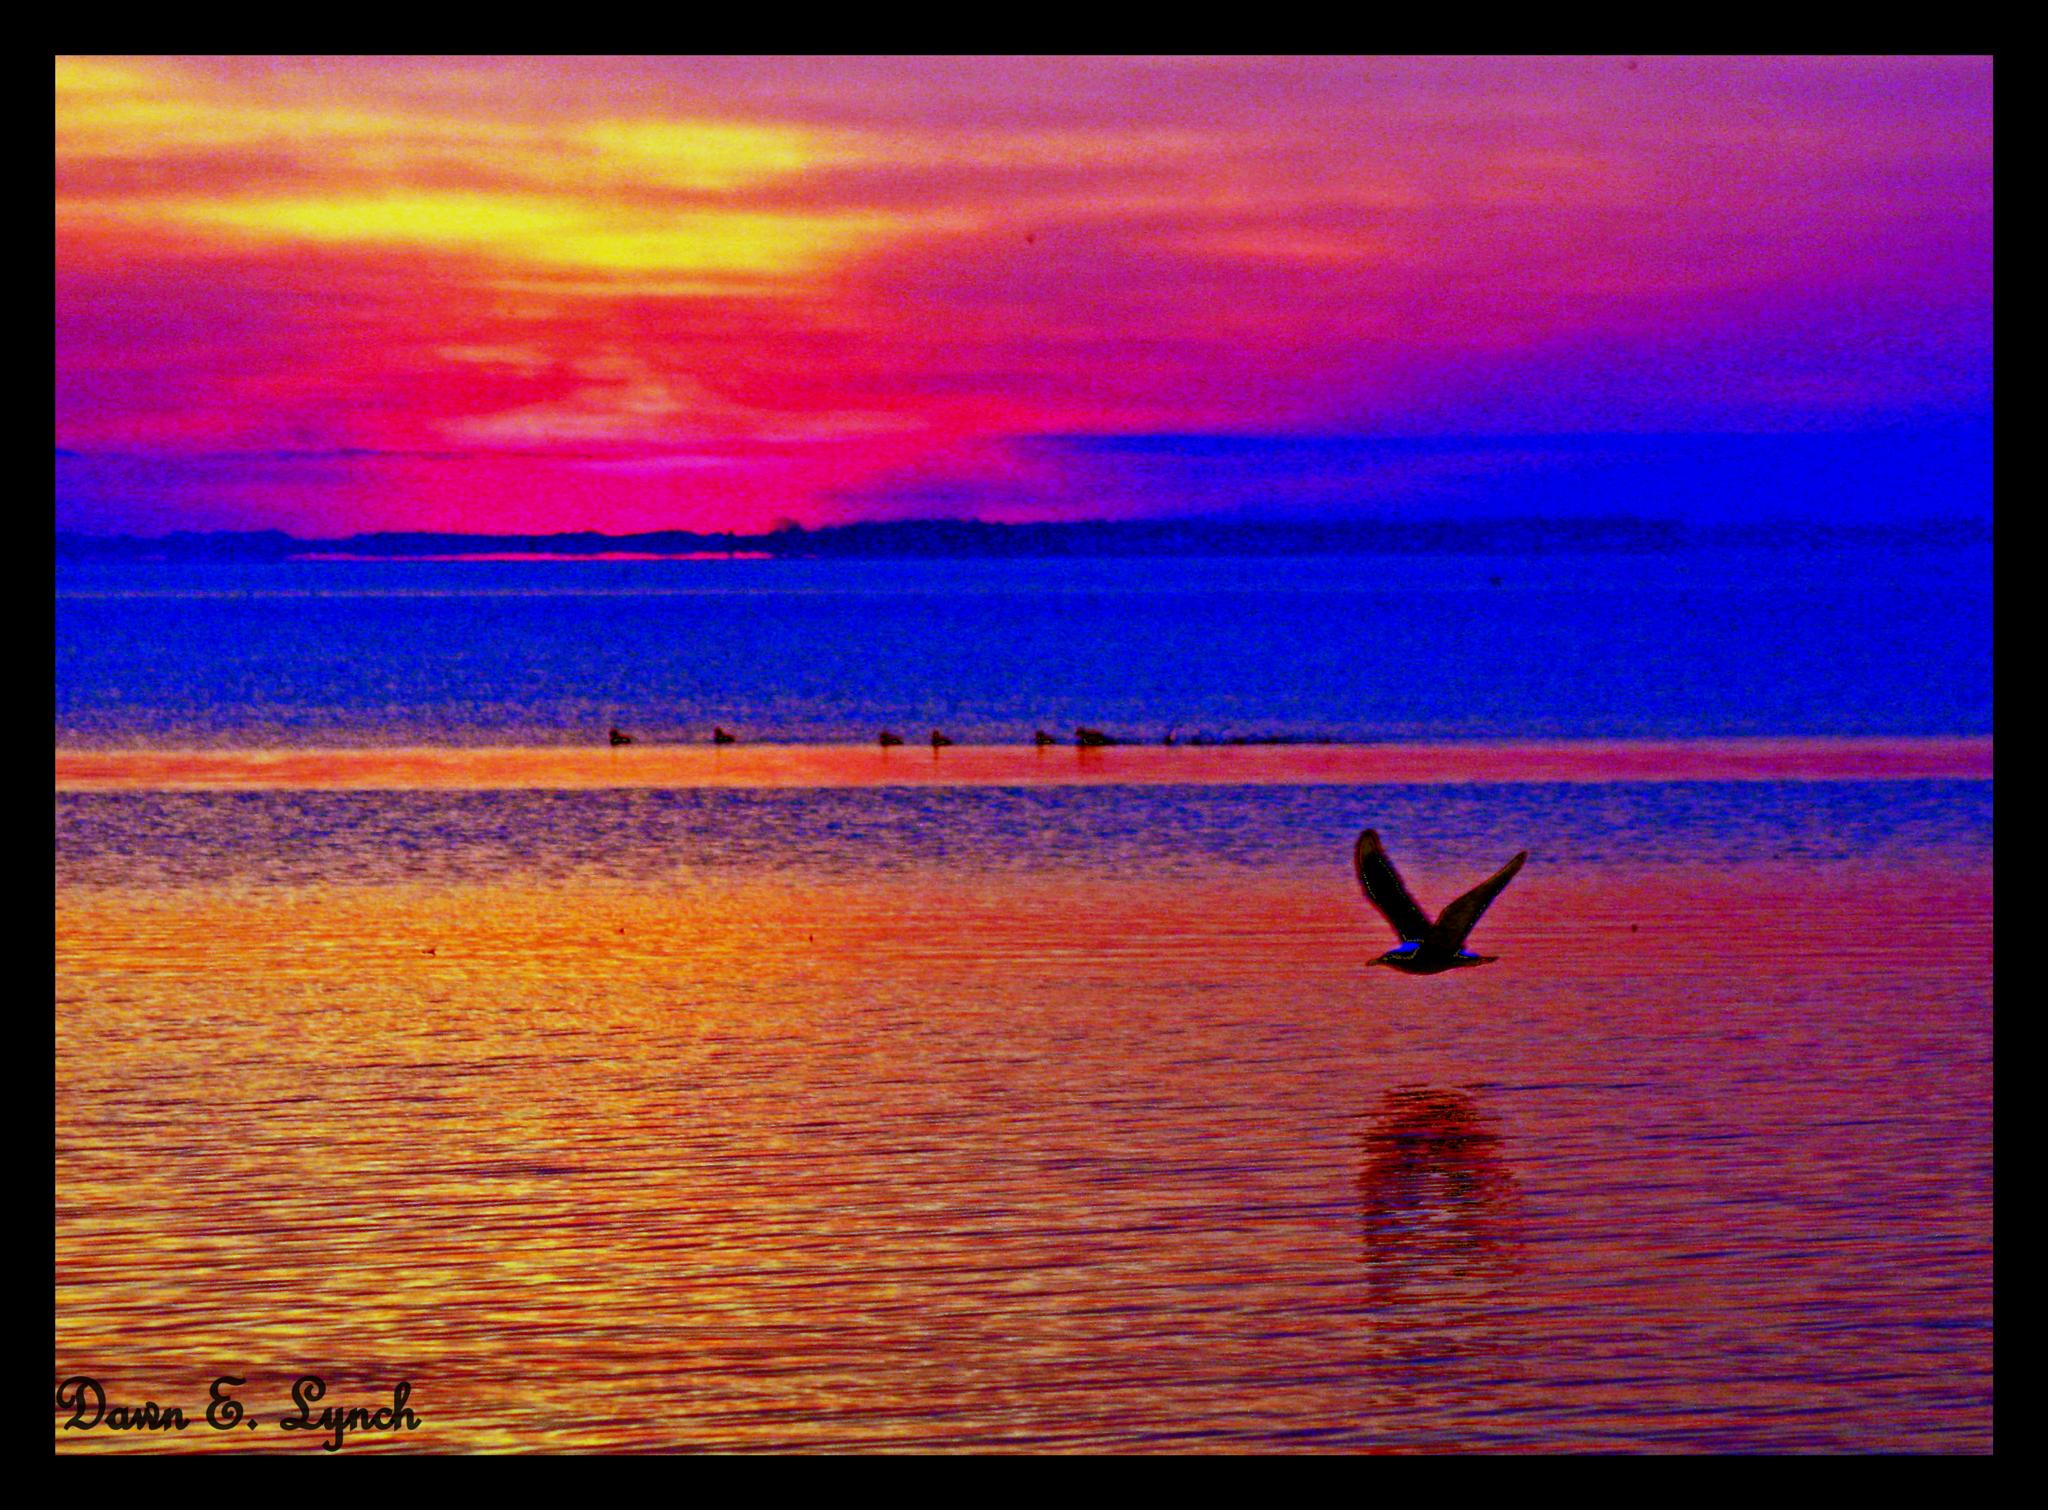 Untitled by dawn.breslinlynch